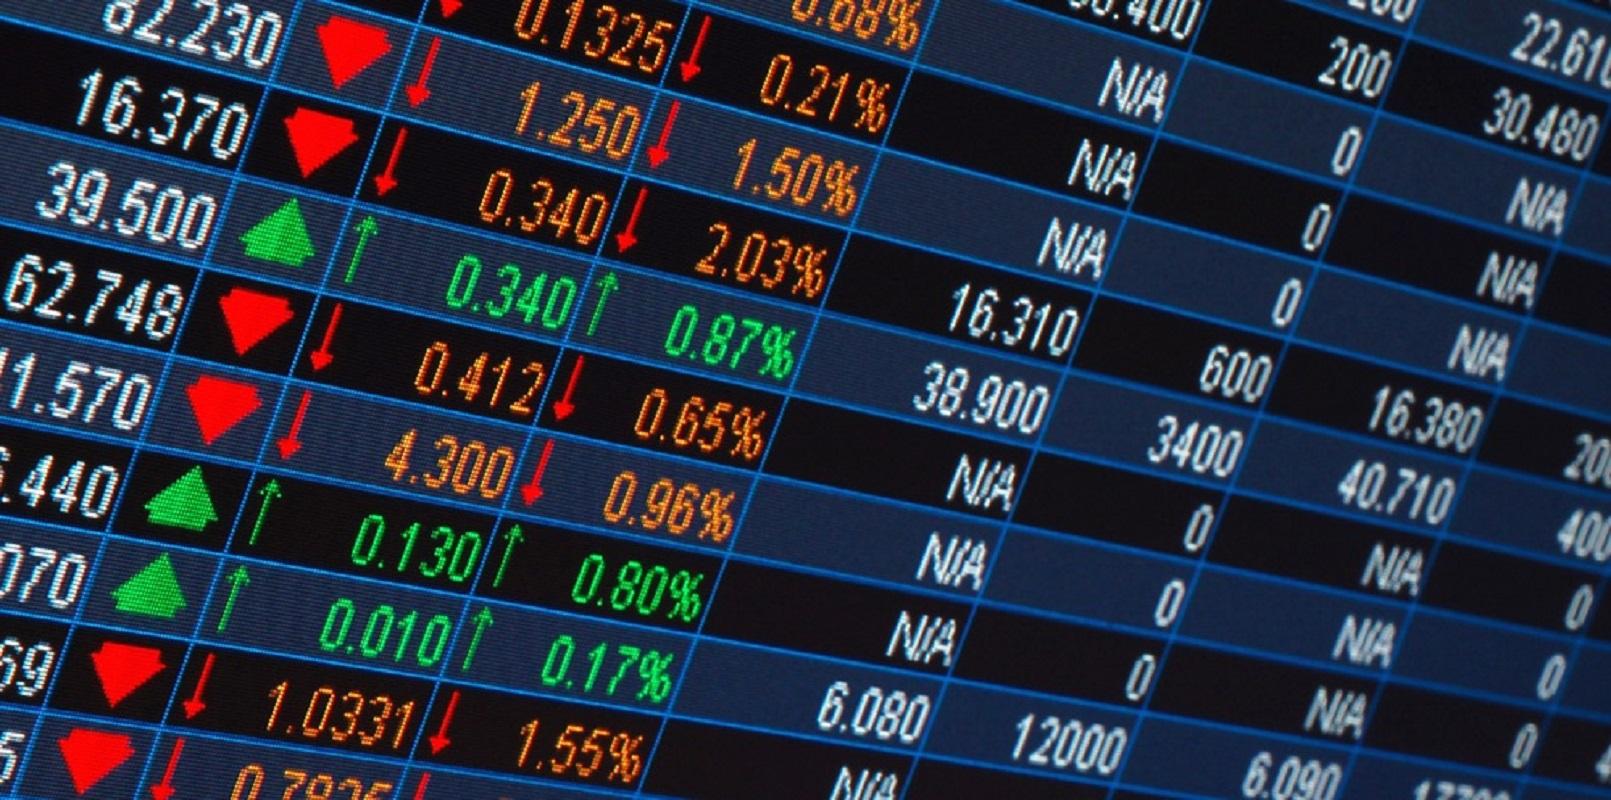 9. Hisse Senedi Yatırımının Temelleri: Sonuç